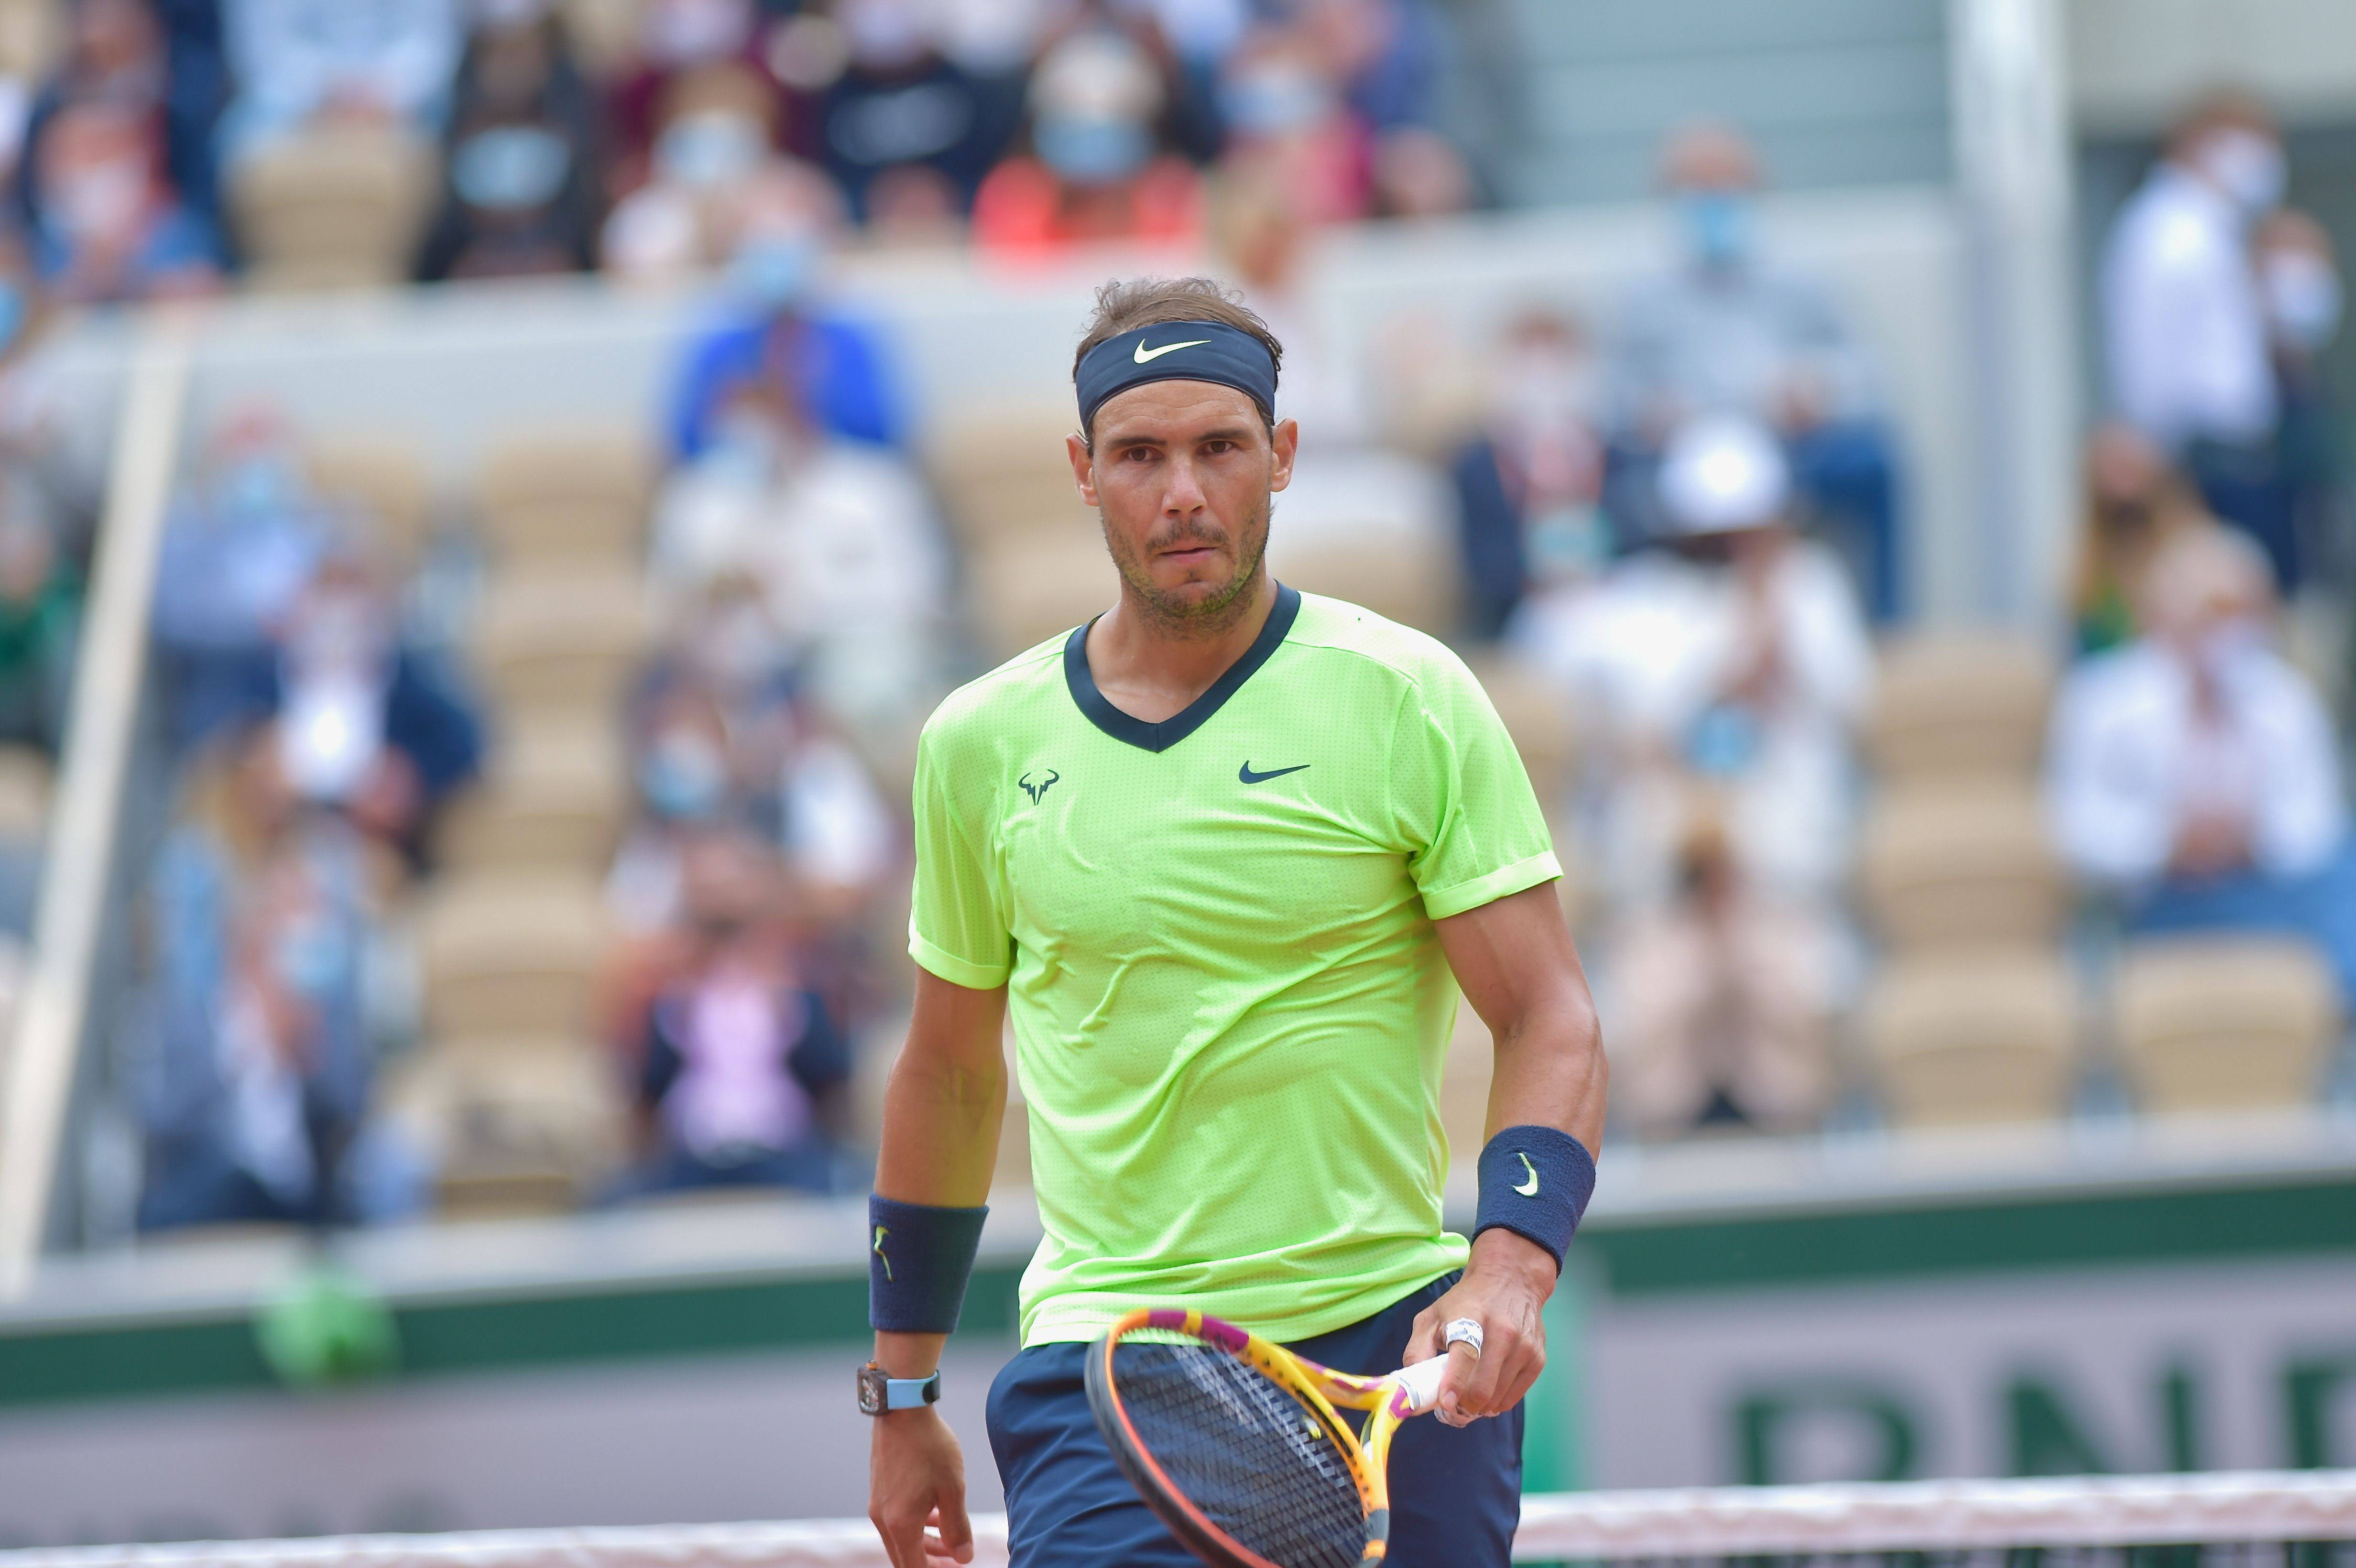 Roland-Garros – 8es de finale : Le patron est en jambes... Nadal file en quarts, comme Djokovic... Revivez la journée de lundi en direct